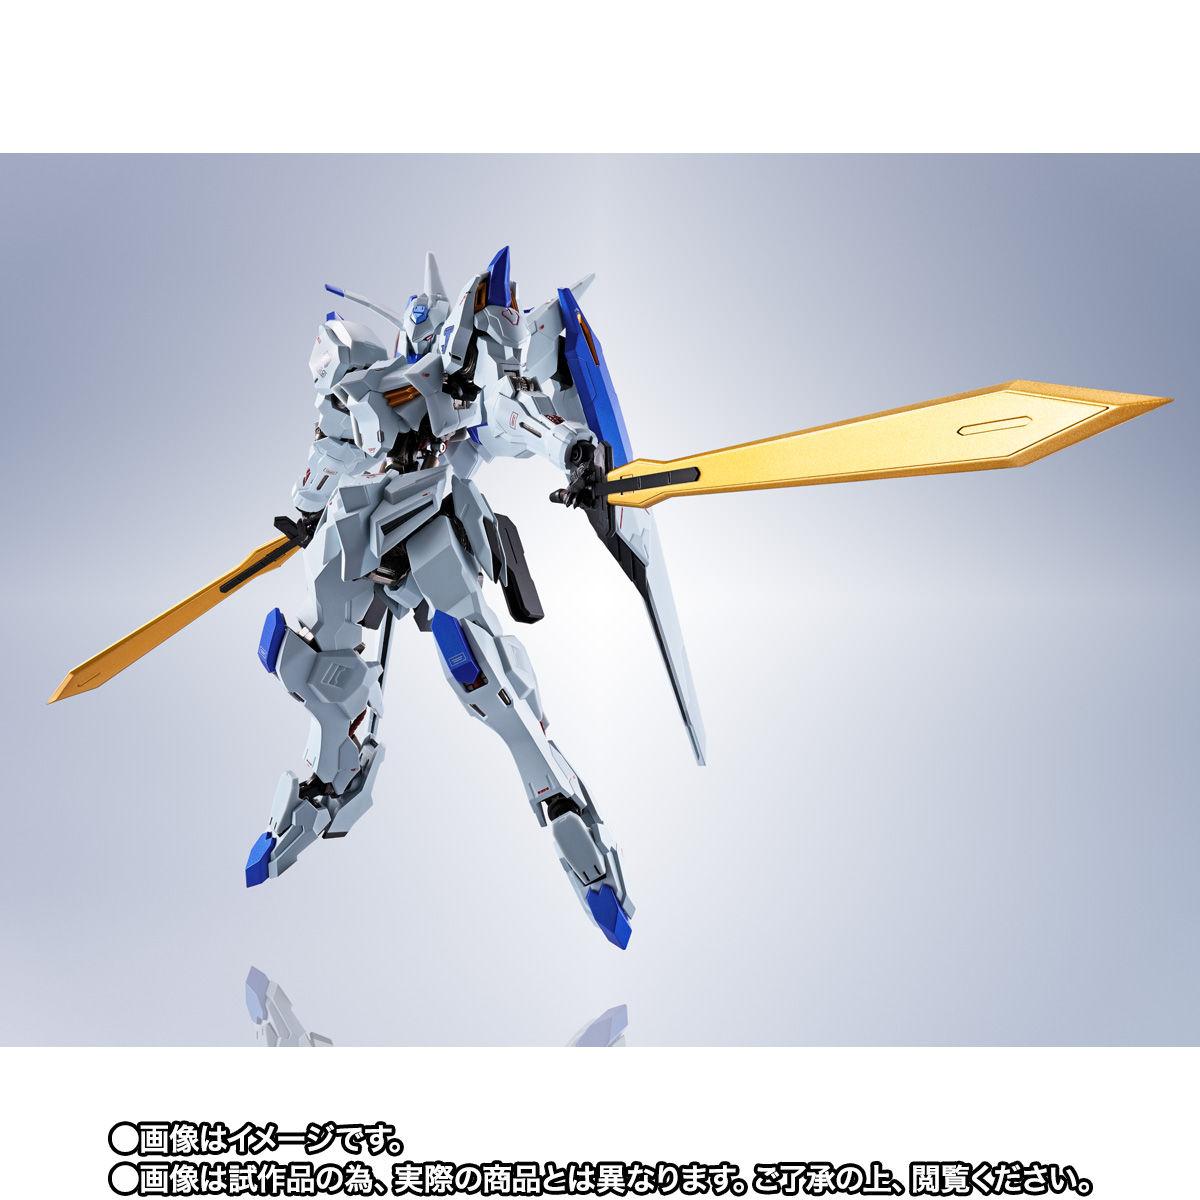 【限定販売】METAL ROBOT魂〈SIDE MS〉『ガンダムバエル』鉄血のオルフェンズ 可動フィギュア-009